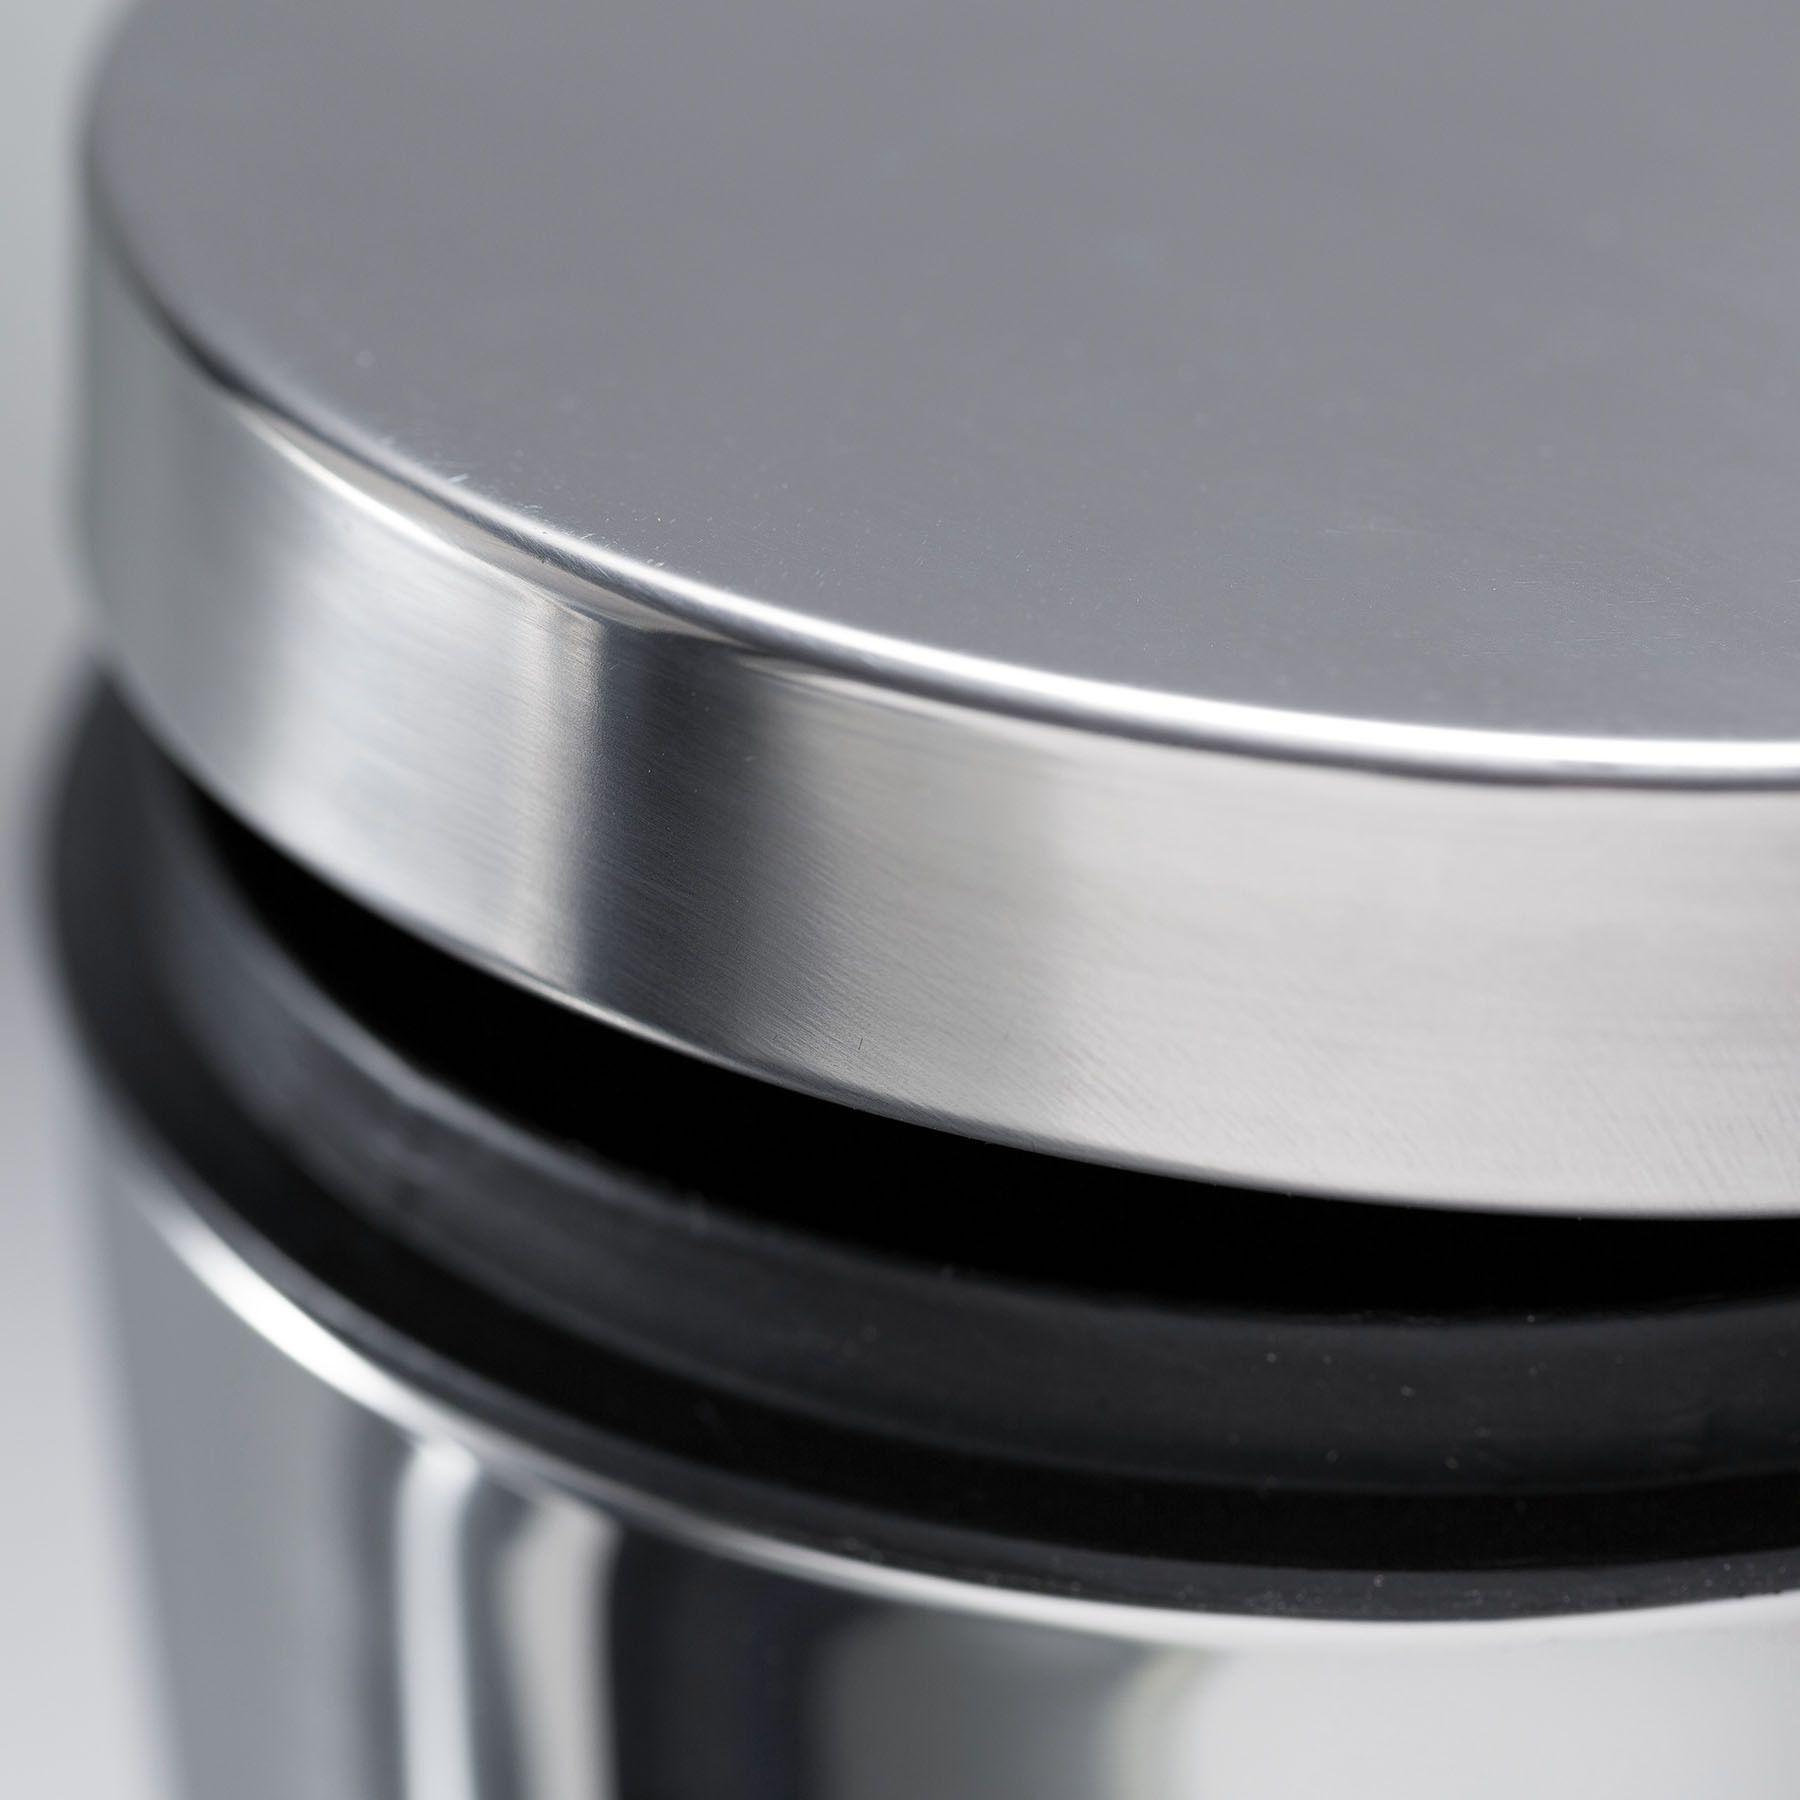 Lixeira Aço Inox 5 Litros com Tampa e Pedal - Cesto Interno Removivel - Dallare DL1325